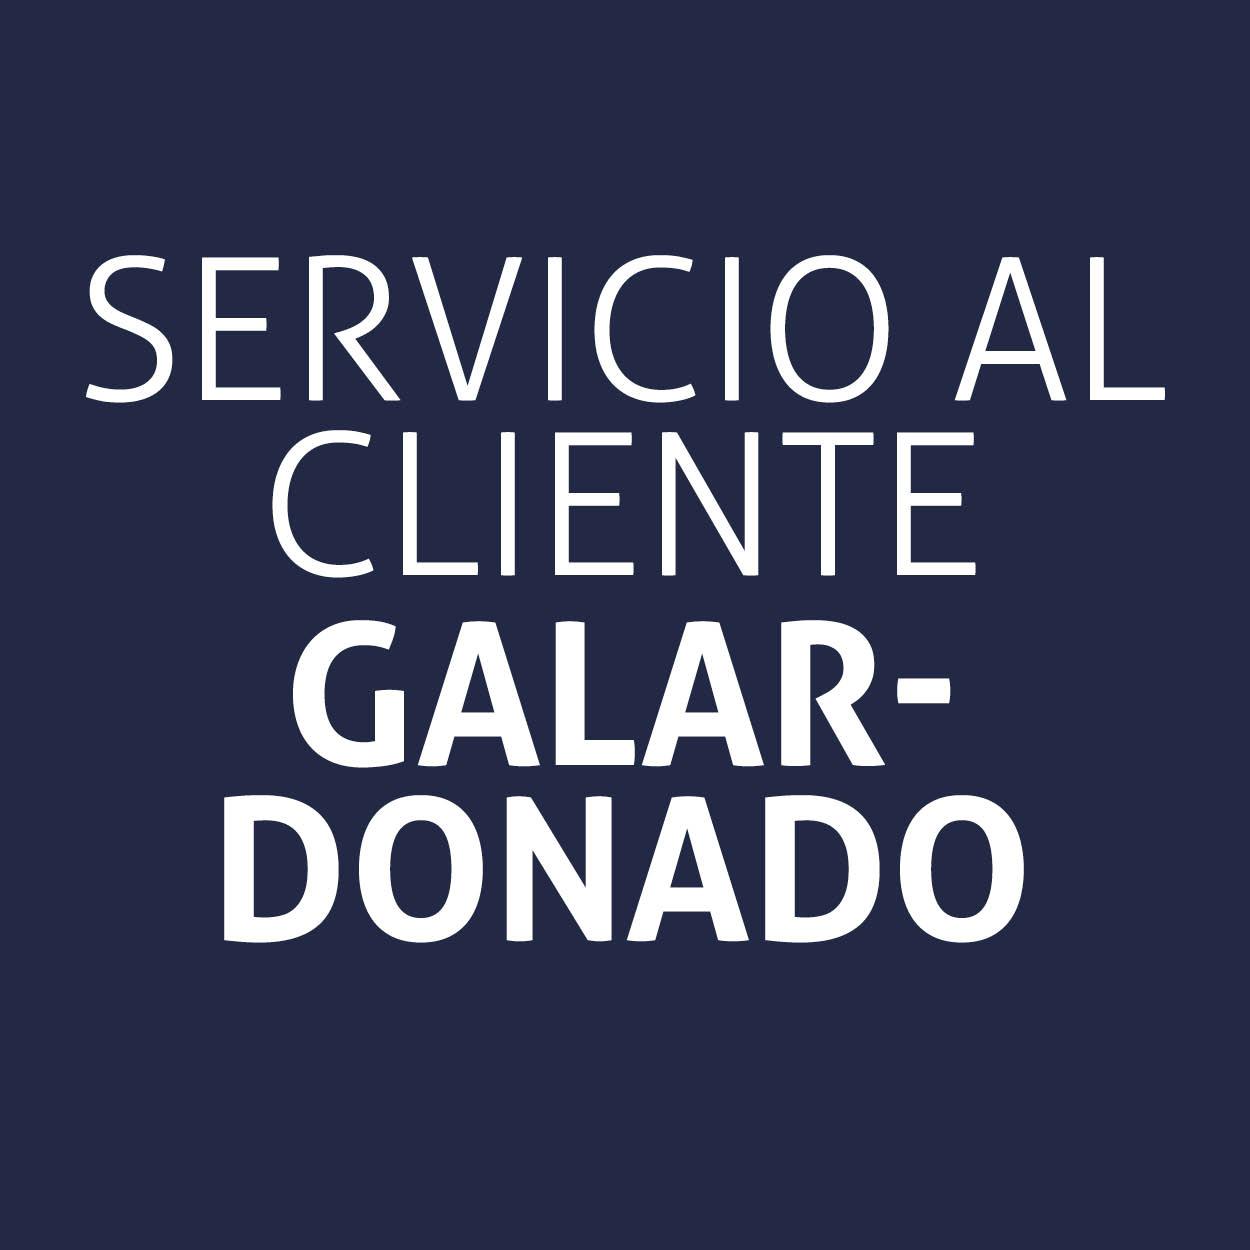 Servicio al cliente galardonado